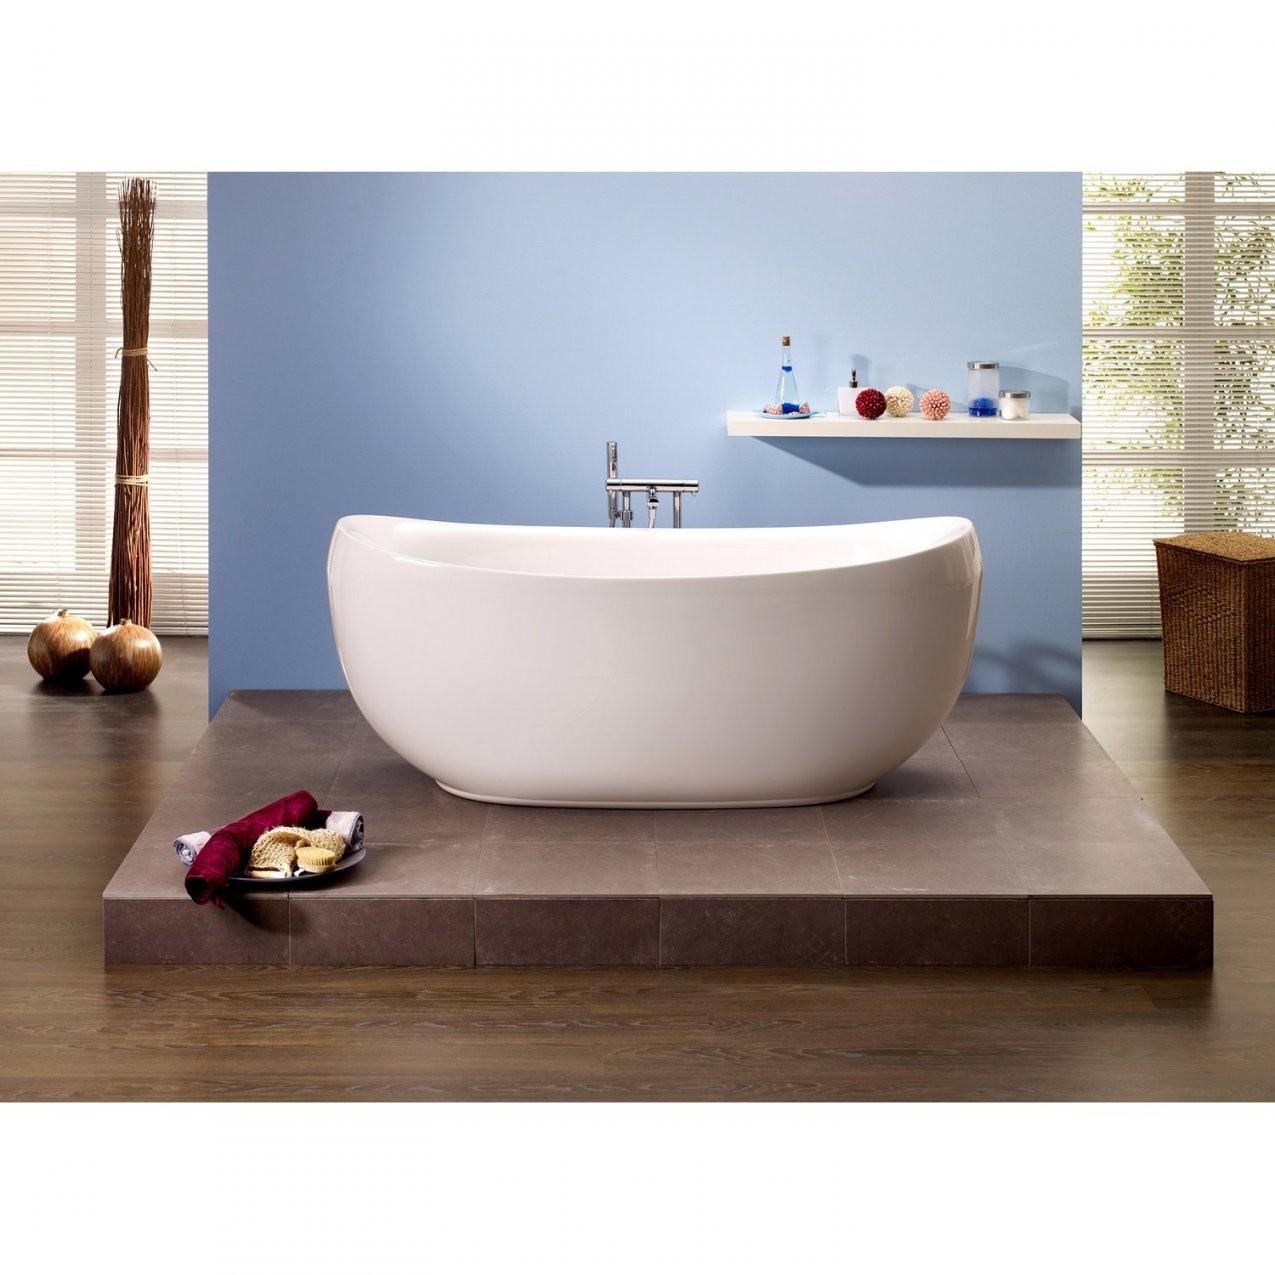 Freistehende Badewanne Ventura 1805 Cm X 835 Cm Weiß Kaufen Bei Obi von Freistehende Badewanne Bilder Bild